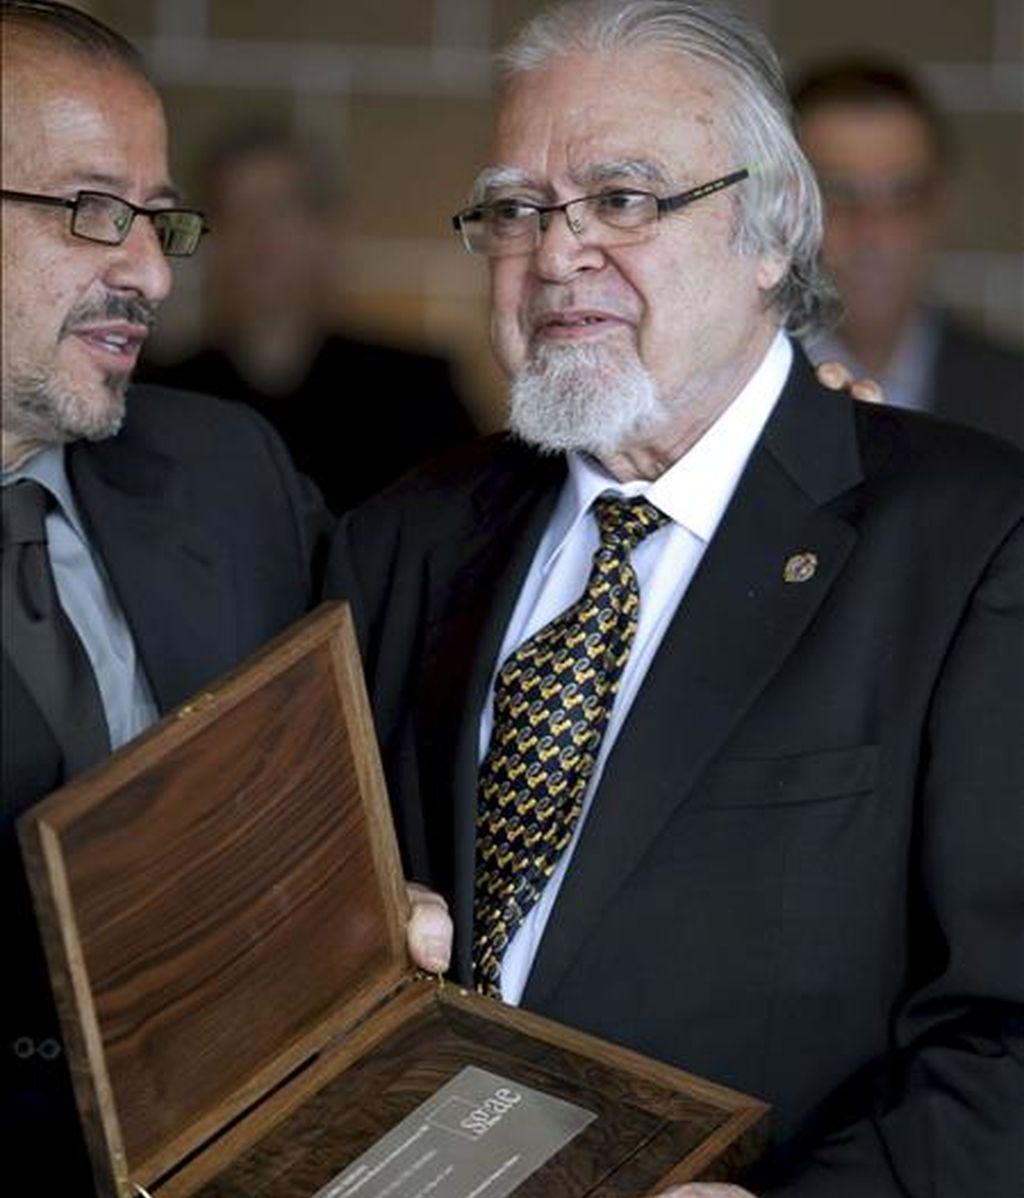 El compositor grancanario Juan José Falcón Sanabria muestra la placa que lo acredita como ganador del premio Daniel Montorio de 2007, que le concedió la SGAE por su ópera 'La Hija del cielo', estrenada en septiembre de ese año. EFE